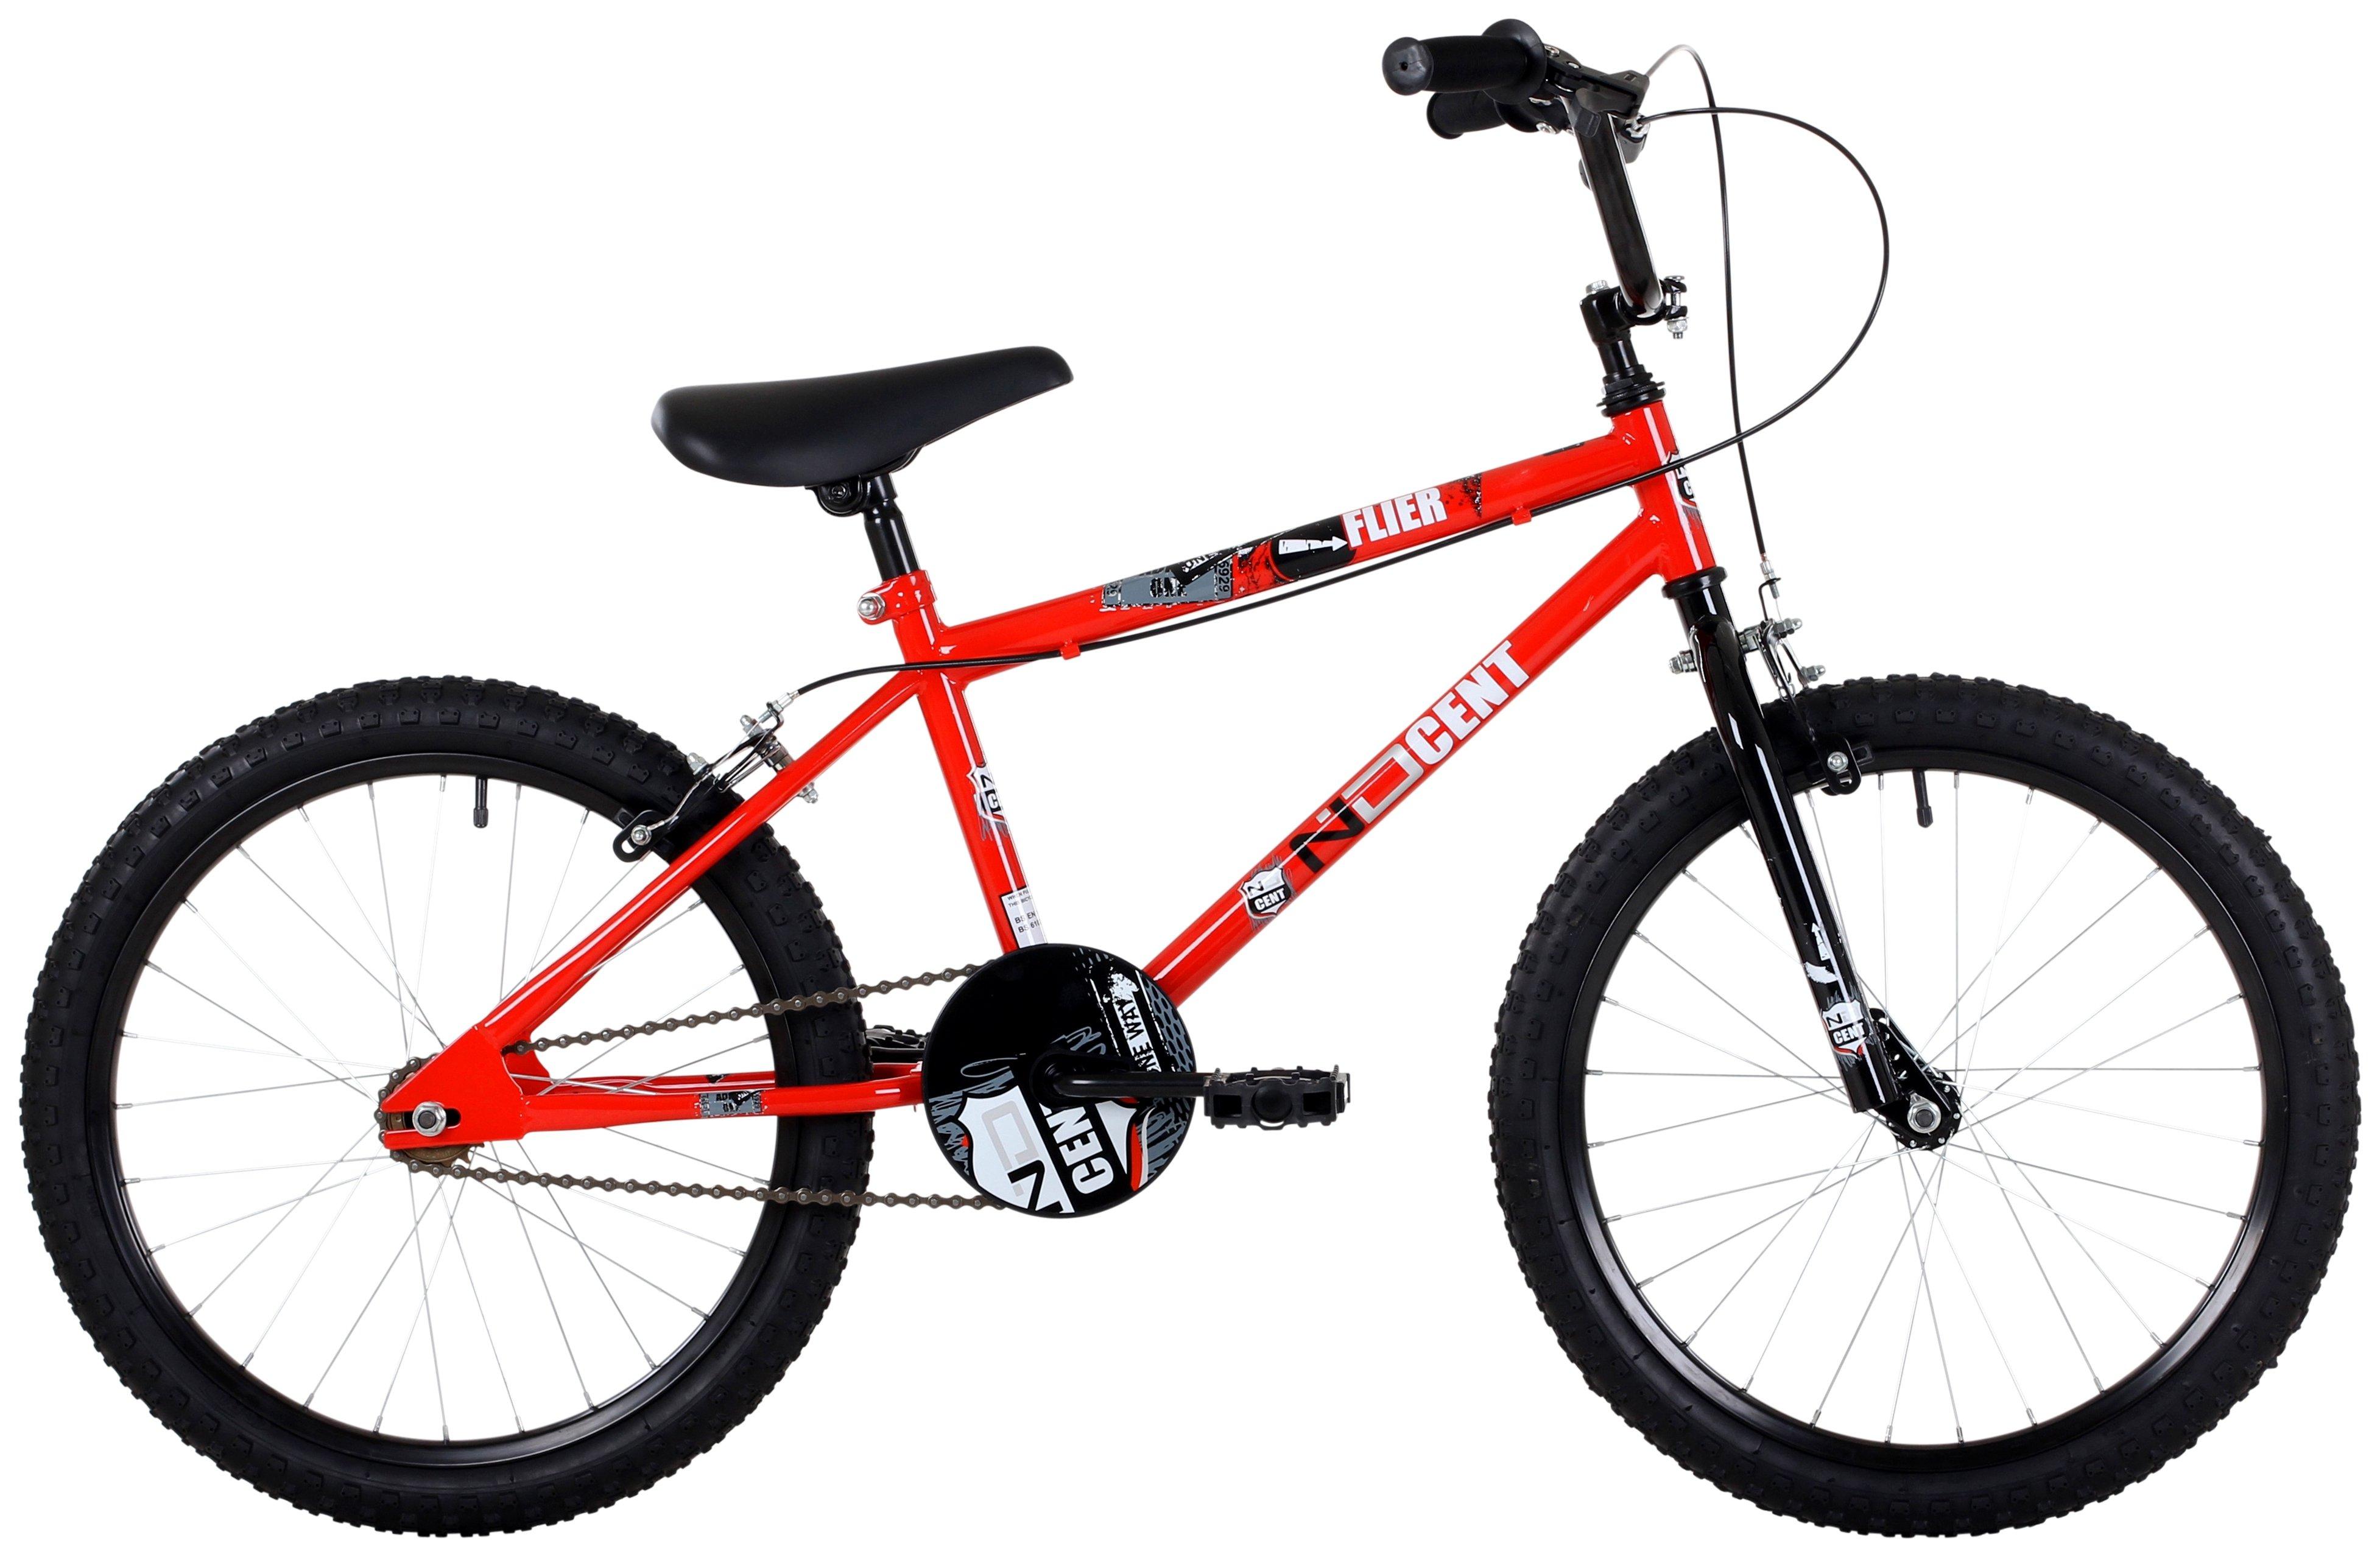 'Ndcent - Flier - 20 Inch Bmx - Bike - Red/black